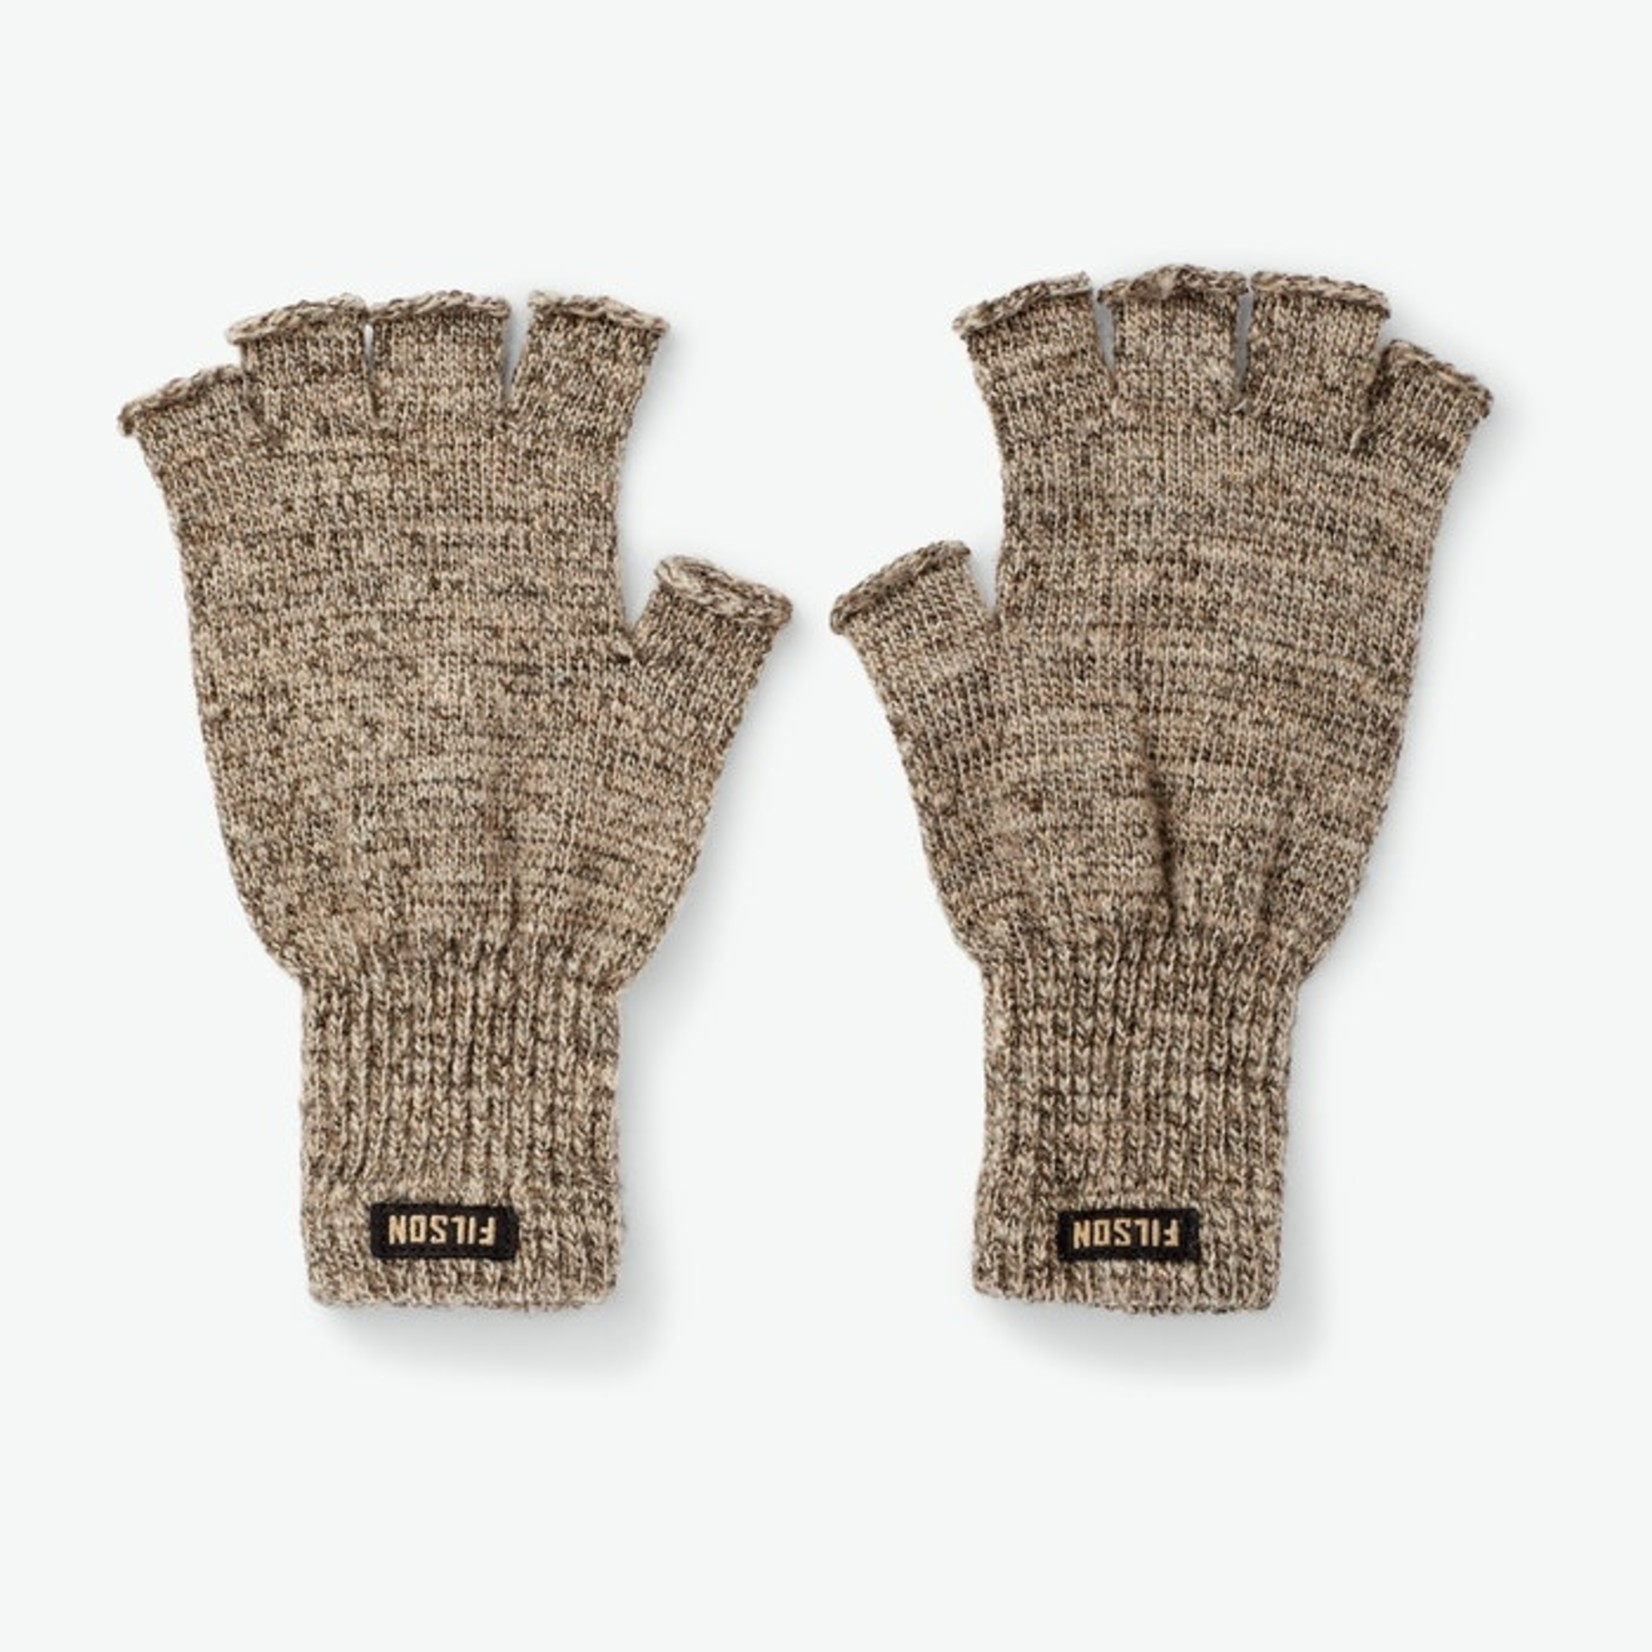 Filson Filson 20020938 Fingerless Knit Gloves